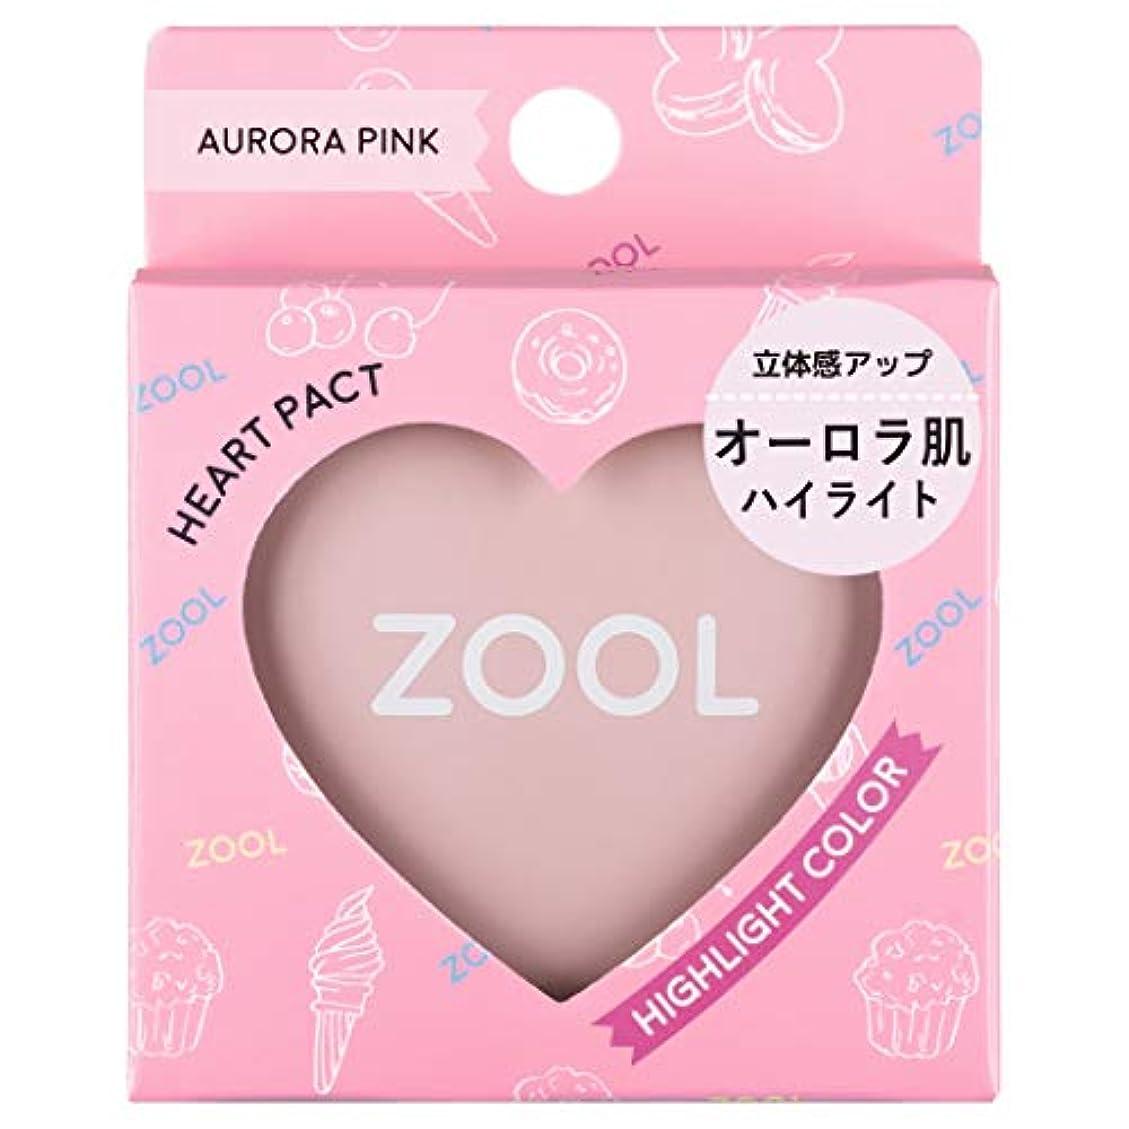 ZOOL (ズール) ハートパクト オーロラピンク (ハイライト) (1個)